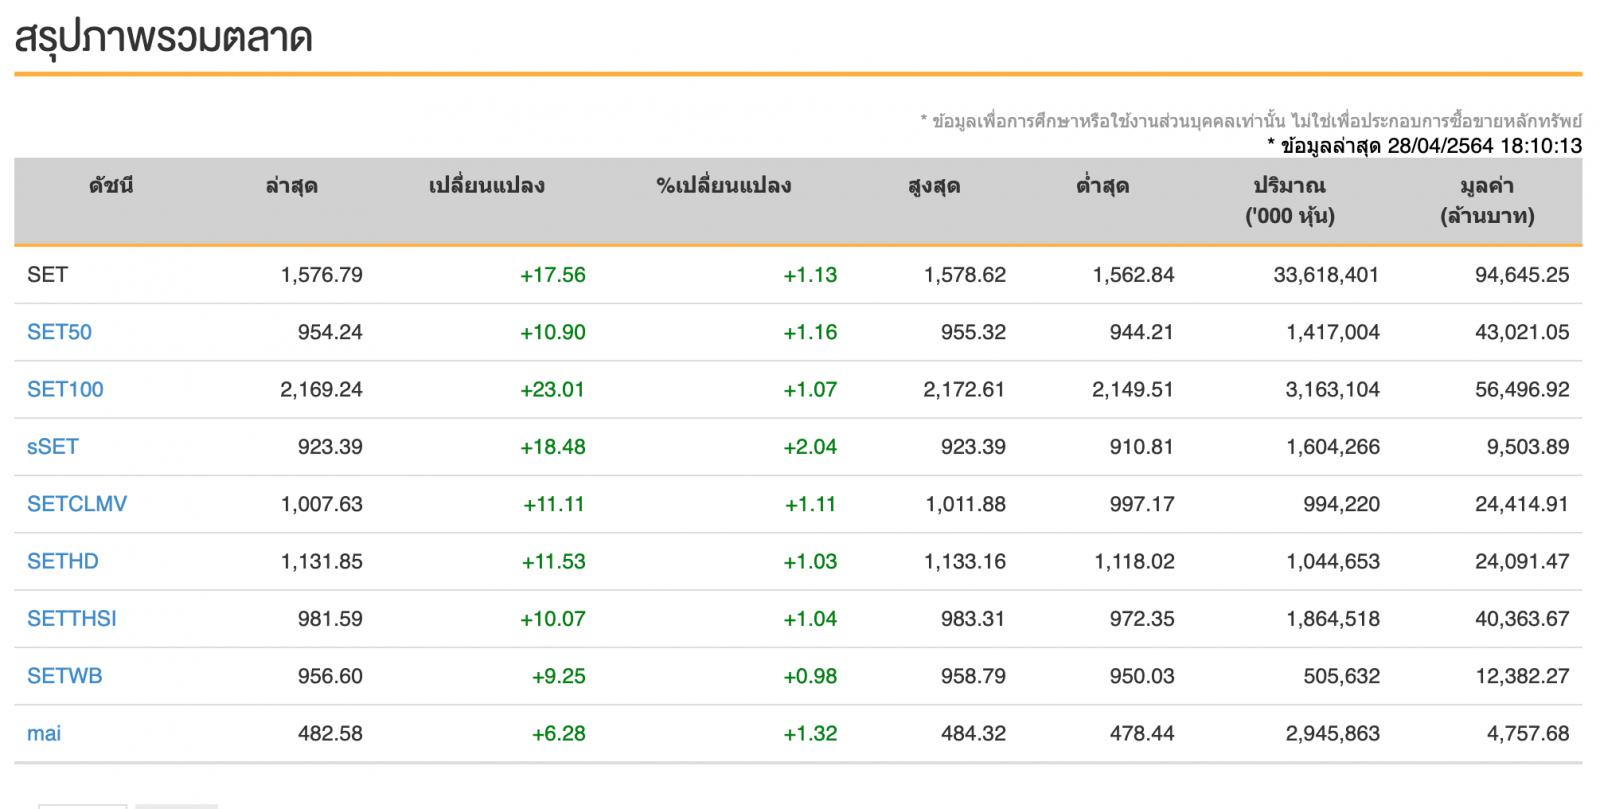 หุ้นไทย (28 เม.ย.64) ปิดที่ระดับ 1,576.79 จุด เพิ่มขึ้น 17.56 จุด